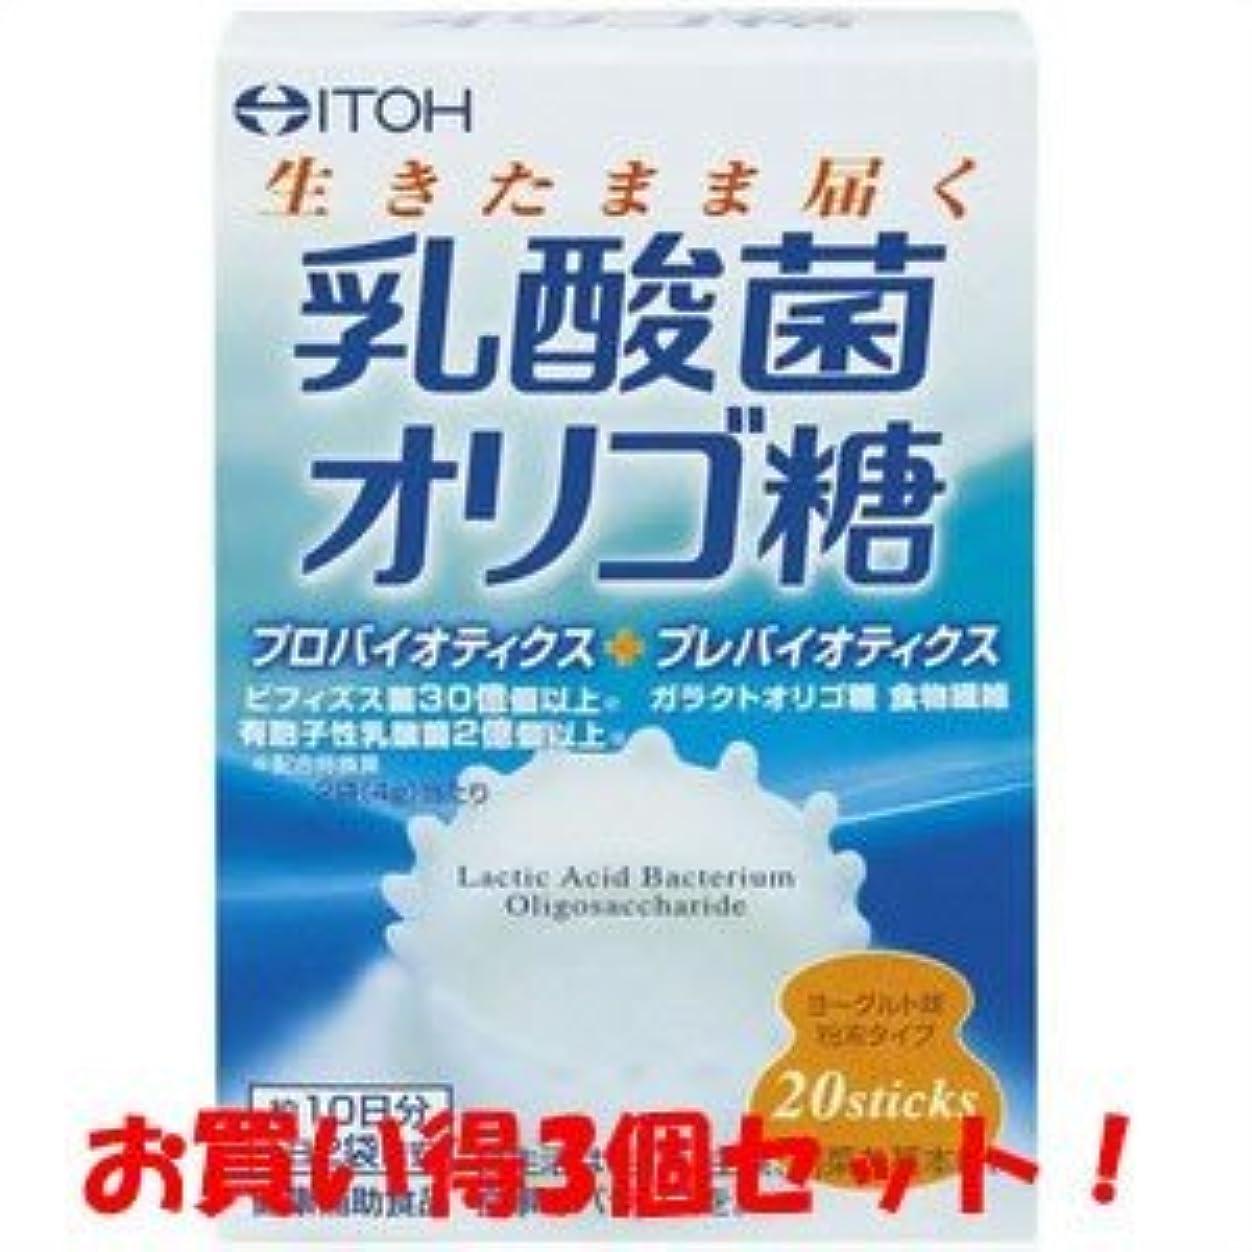 淡い全部杖【井藤漢方製薬】乳酸菌オリゴ糖 40g(2g×20スティック)(お買い得3個セット)